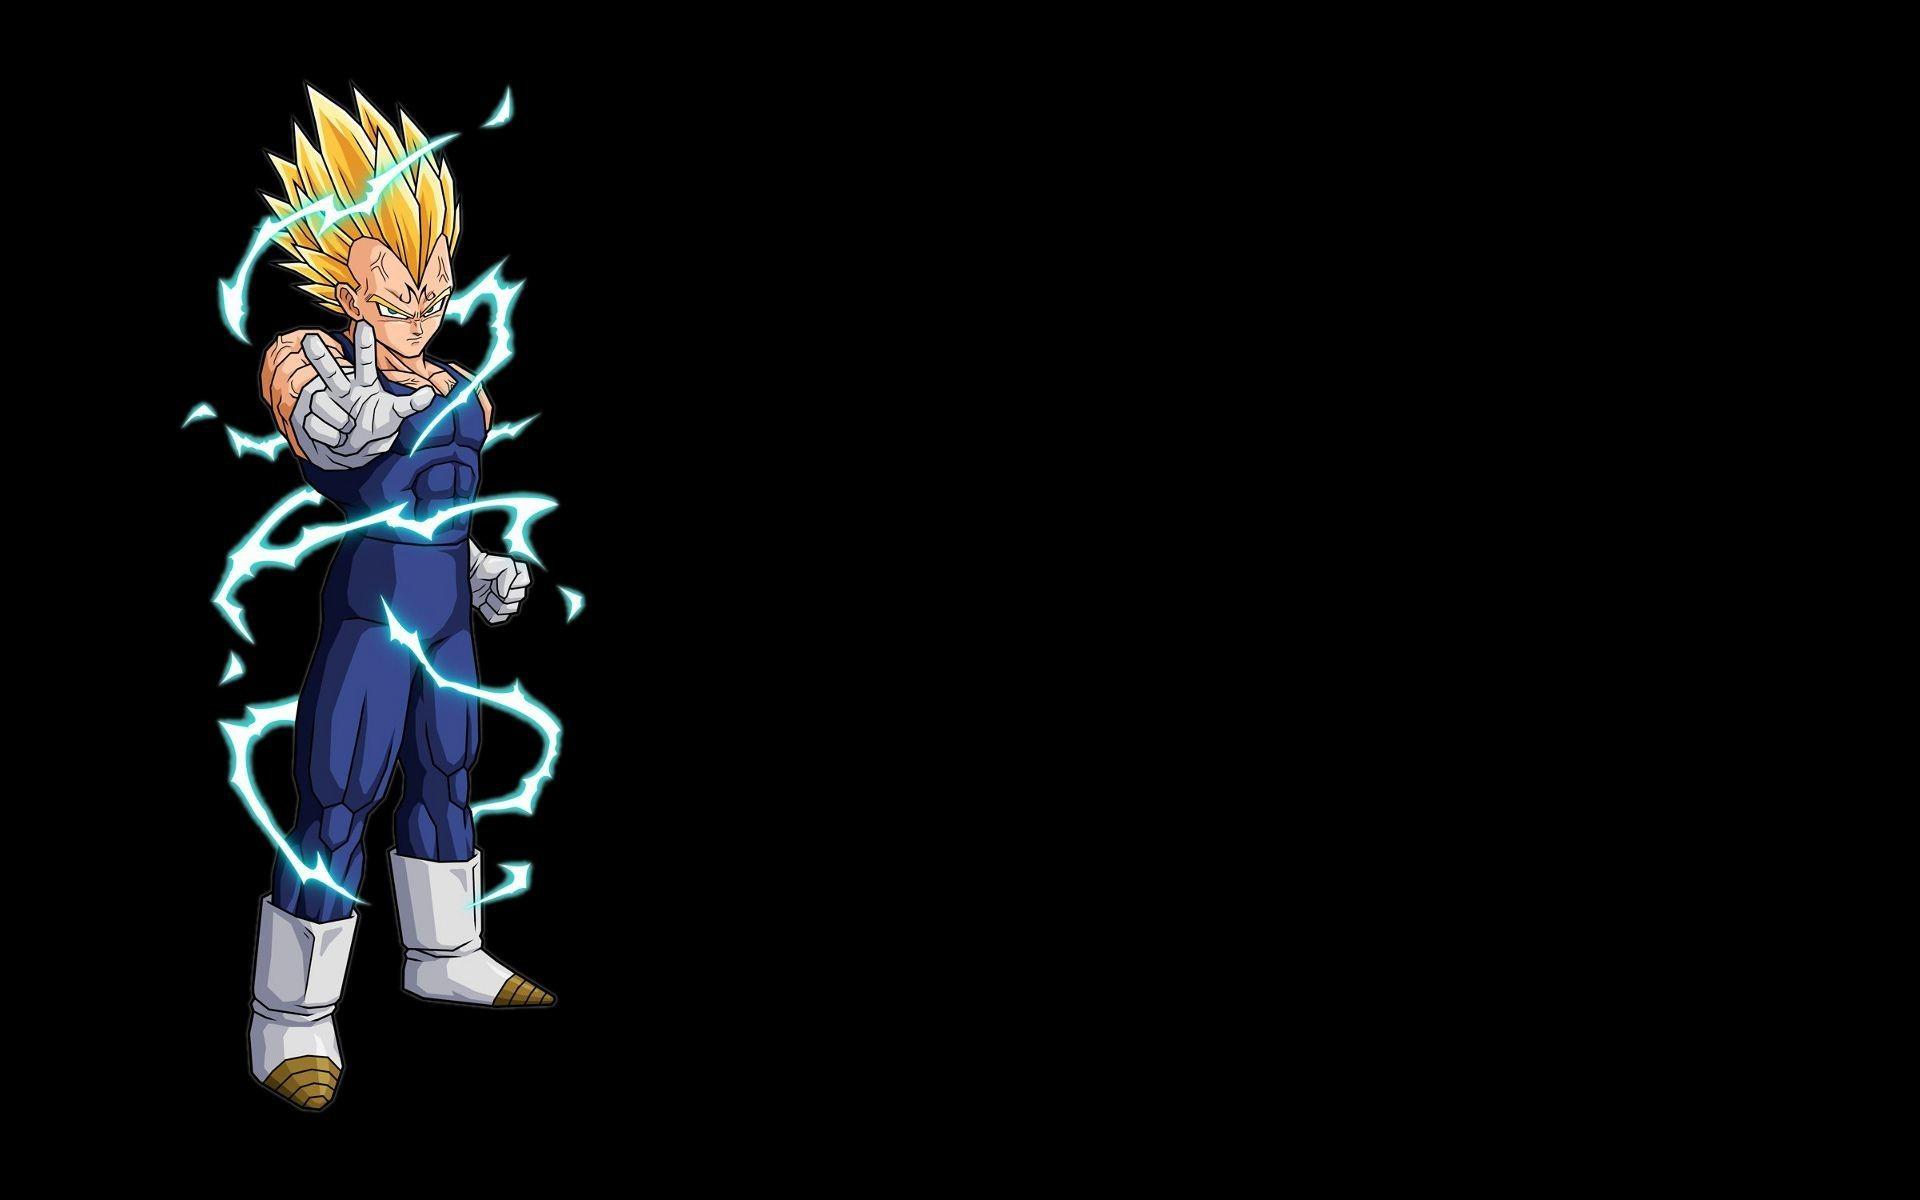 Dragon Ball Z Vegeta Wallpaper 1080p